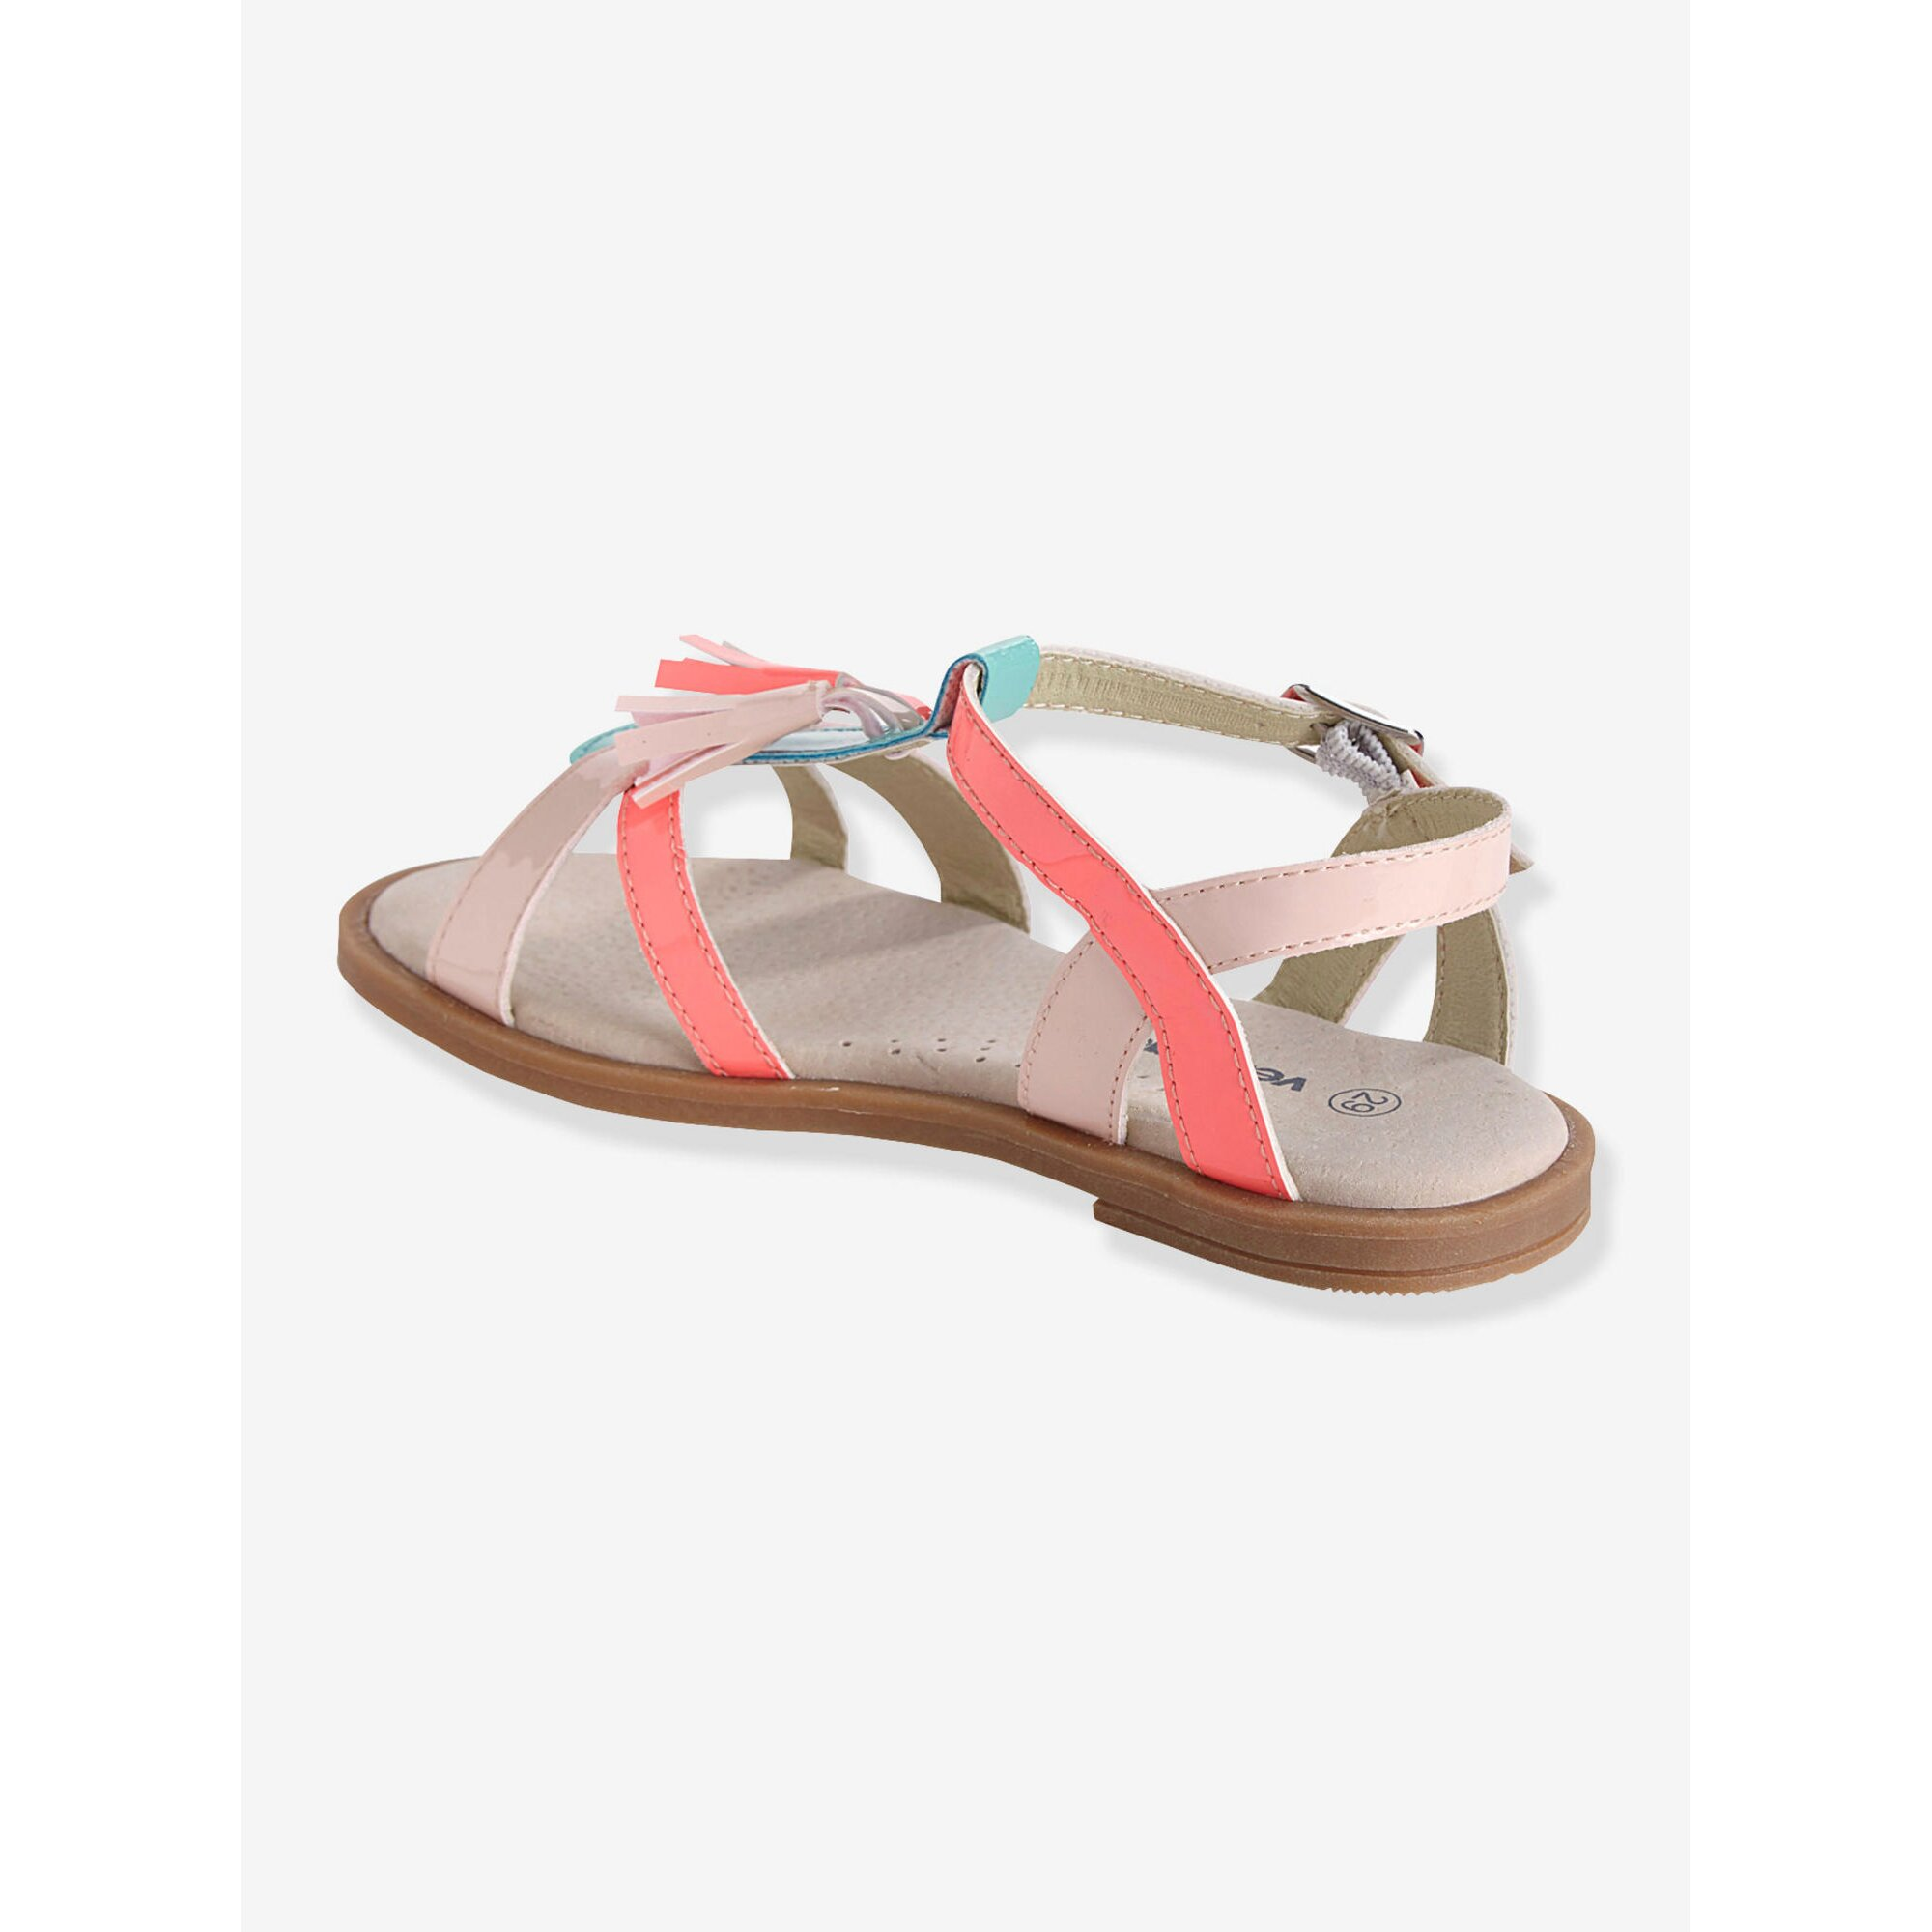 vertbaudet-madchen-sandalen-mit-quasten, 25.99 EUR @ babywalz-de